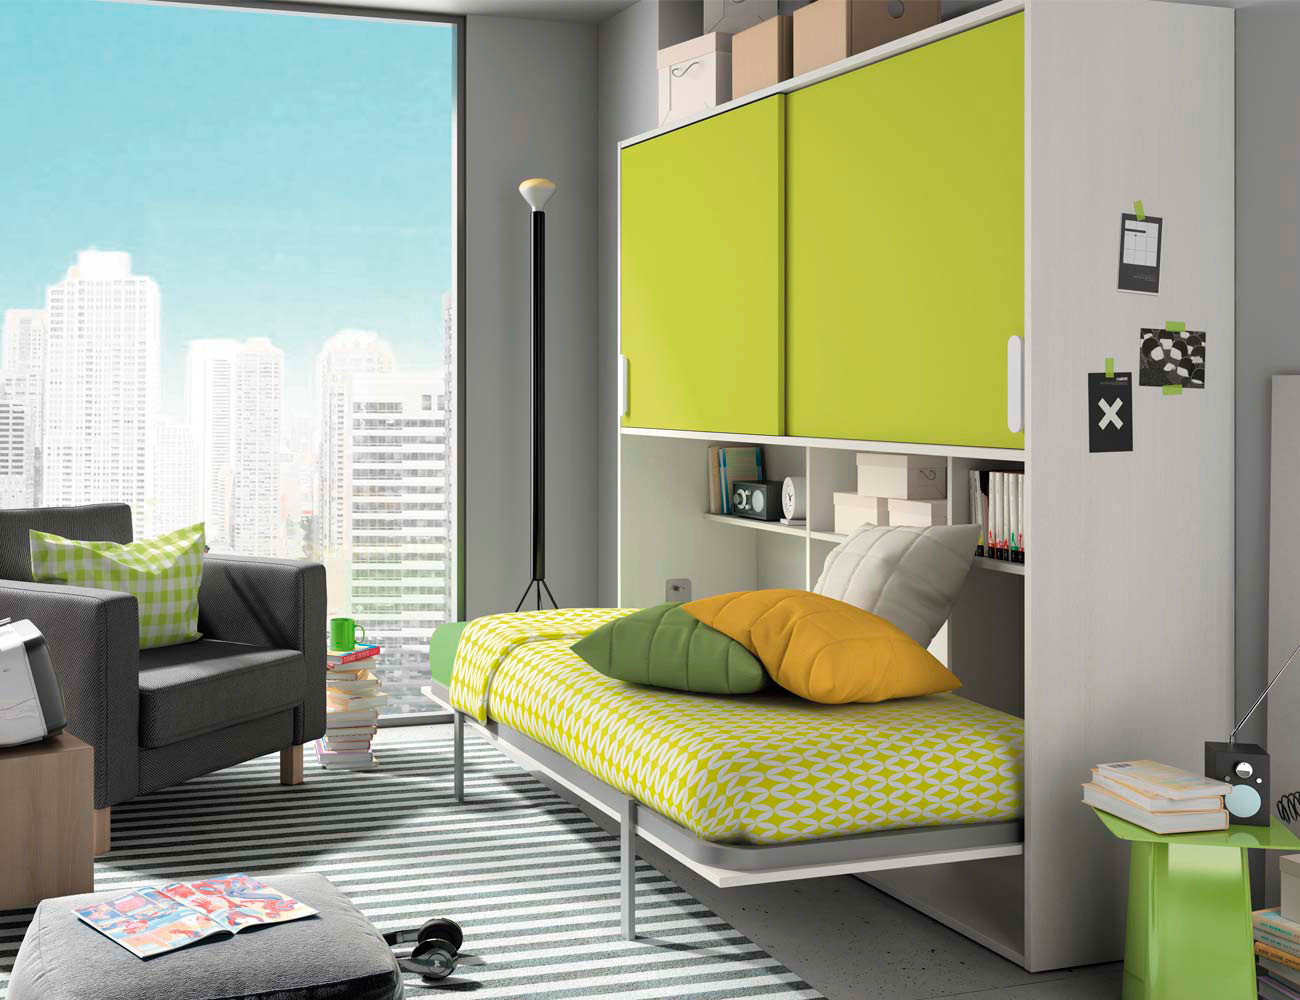 Composicion 307 dormitorio juvenil blanco kiwi2